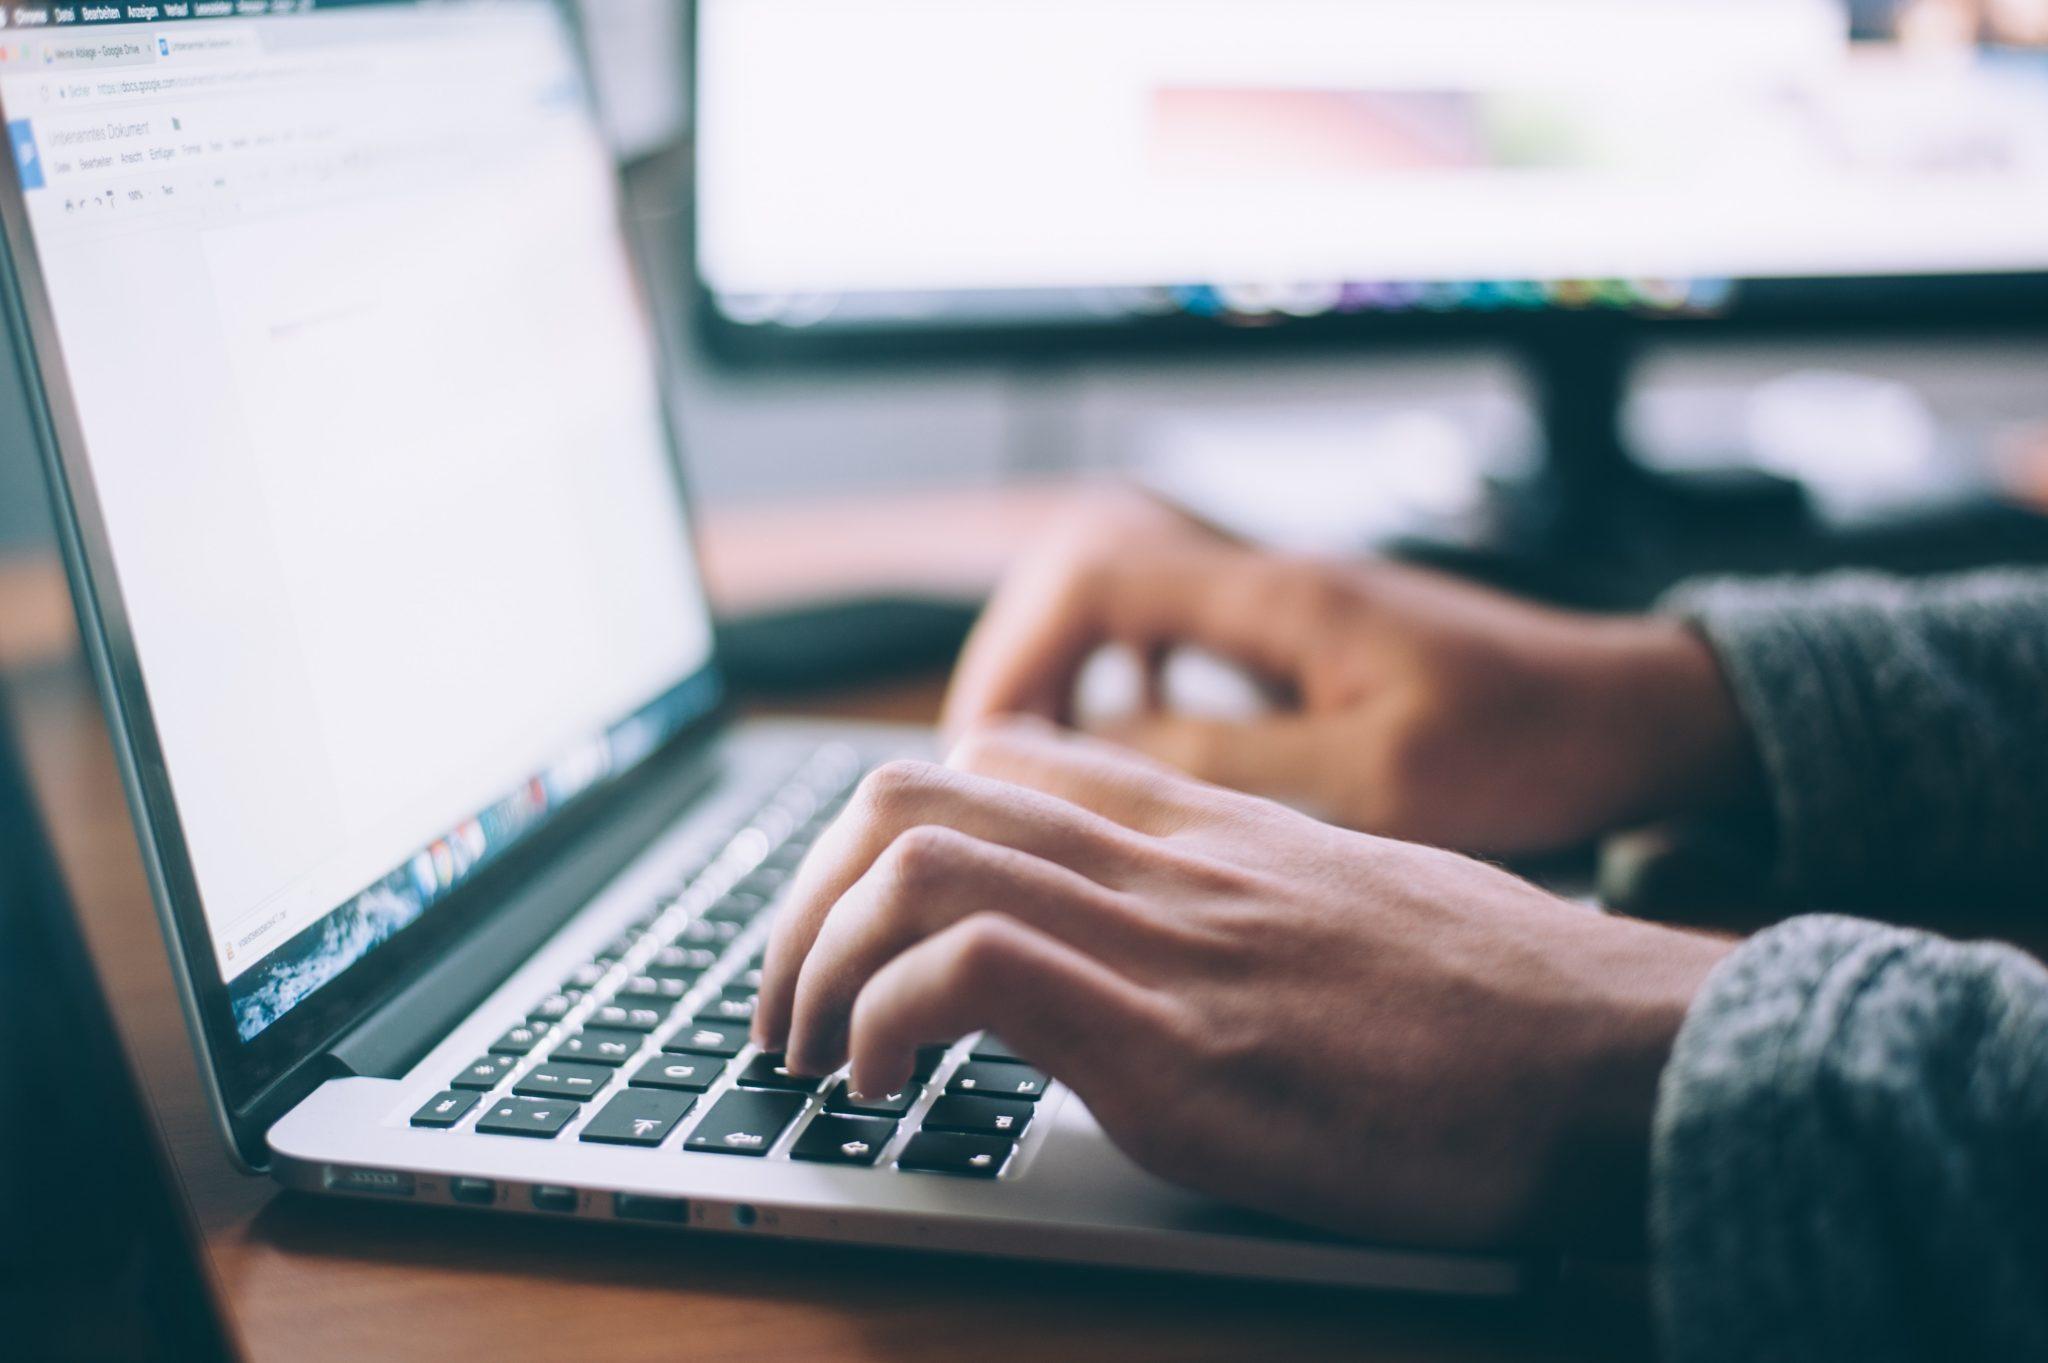 Kädet ja kannettava tietokone